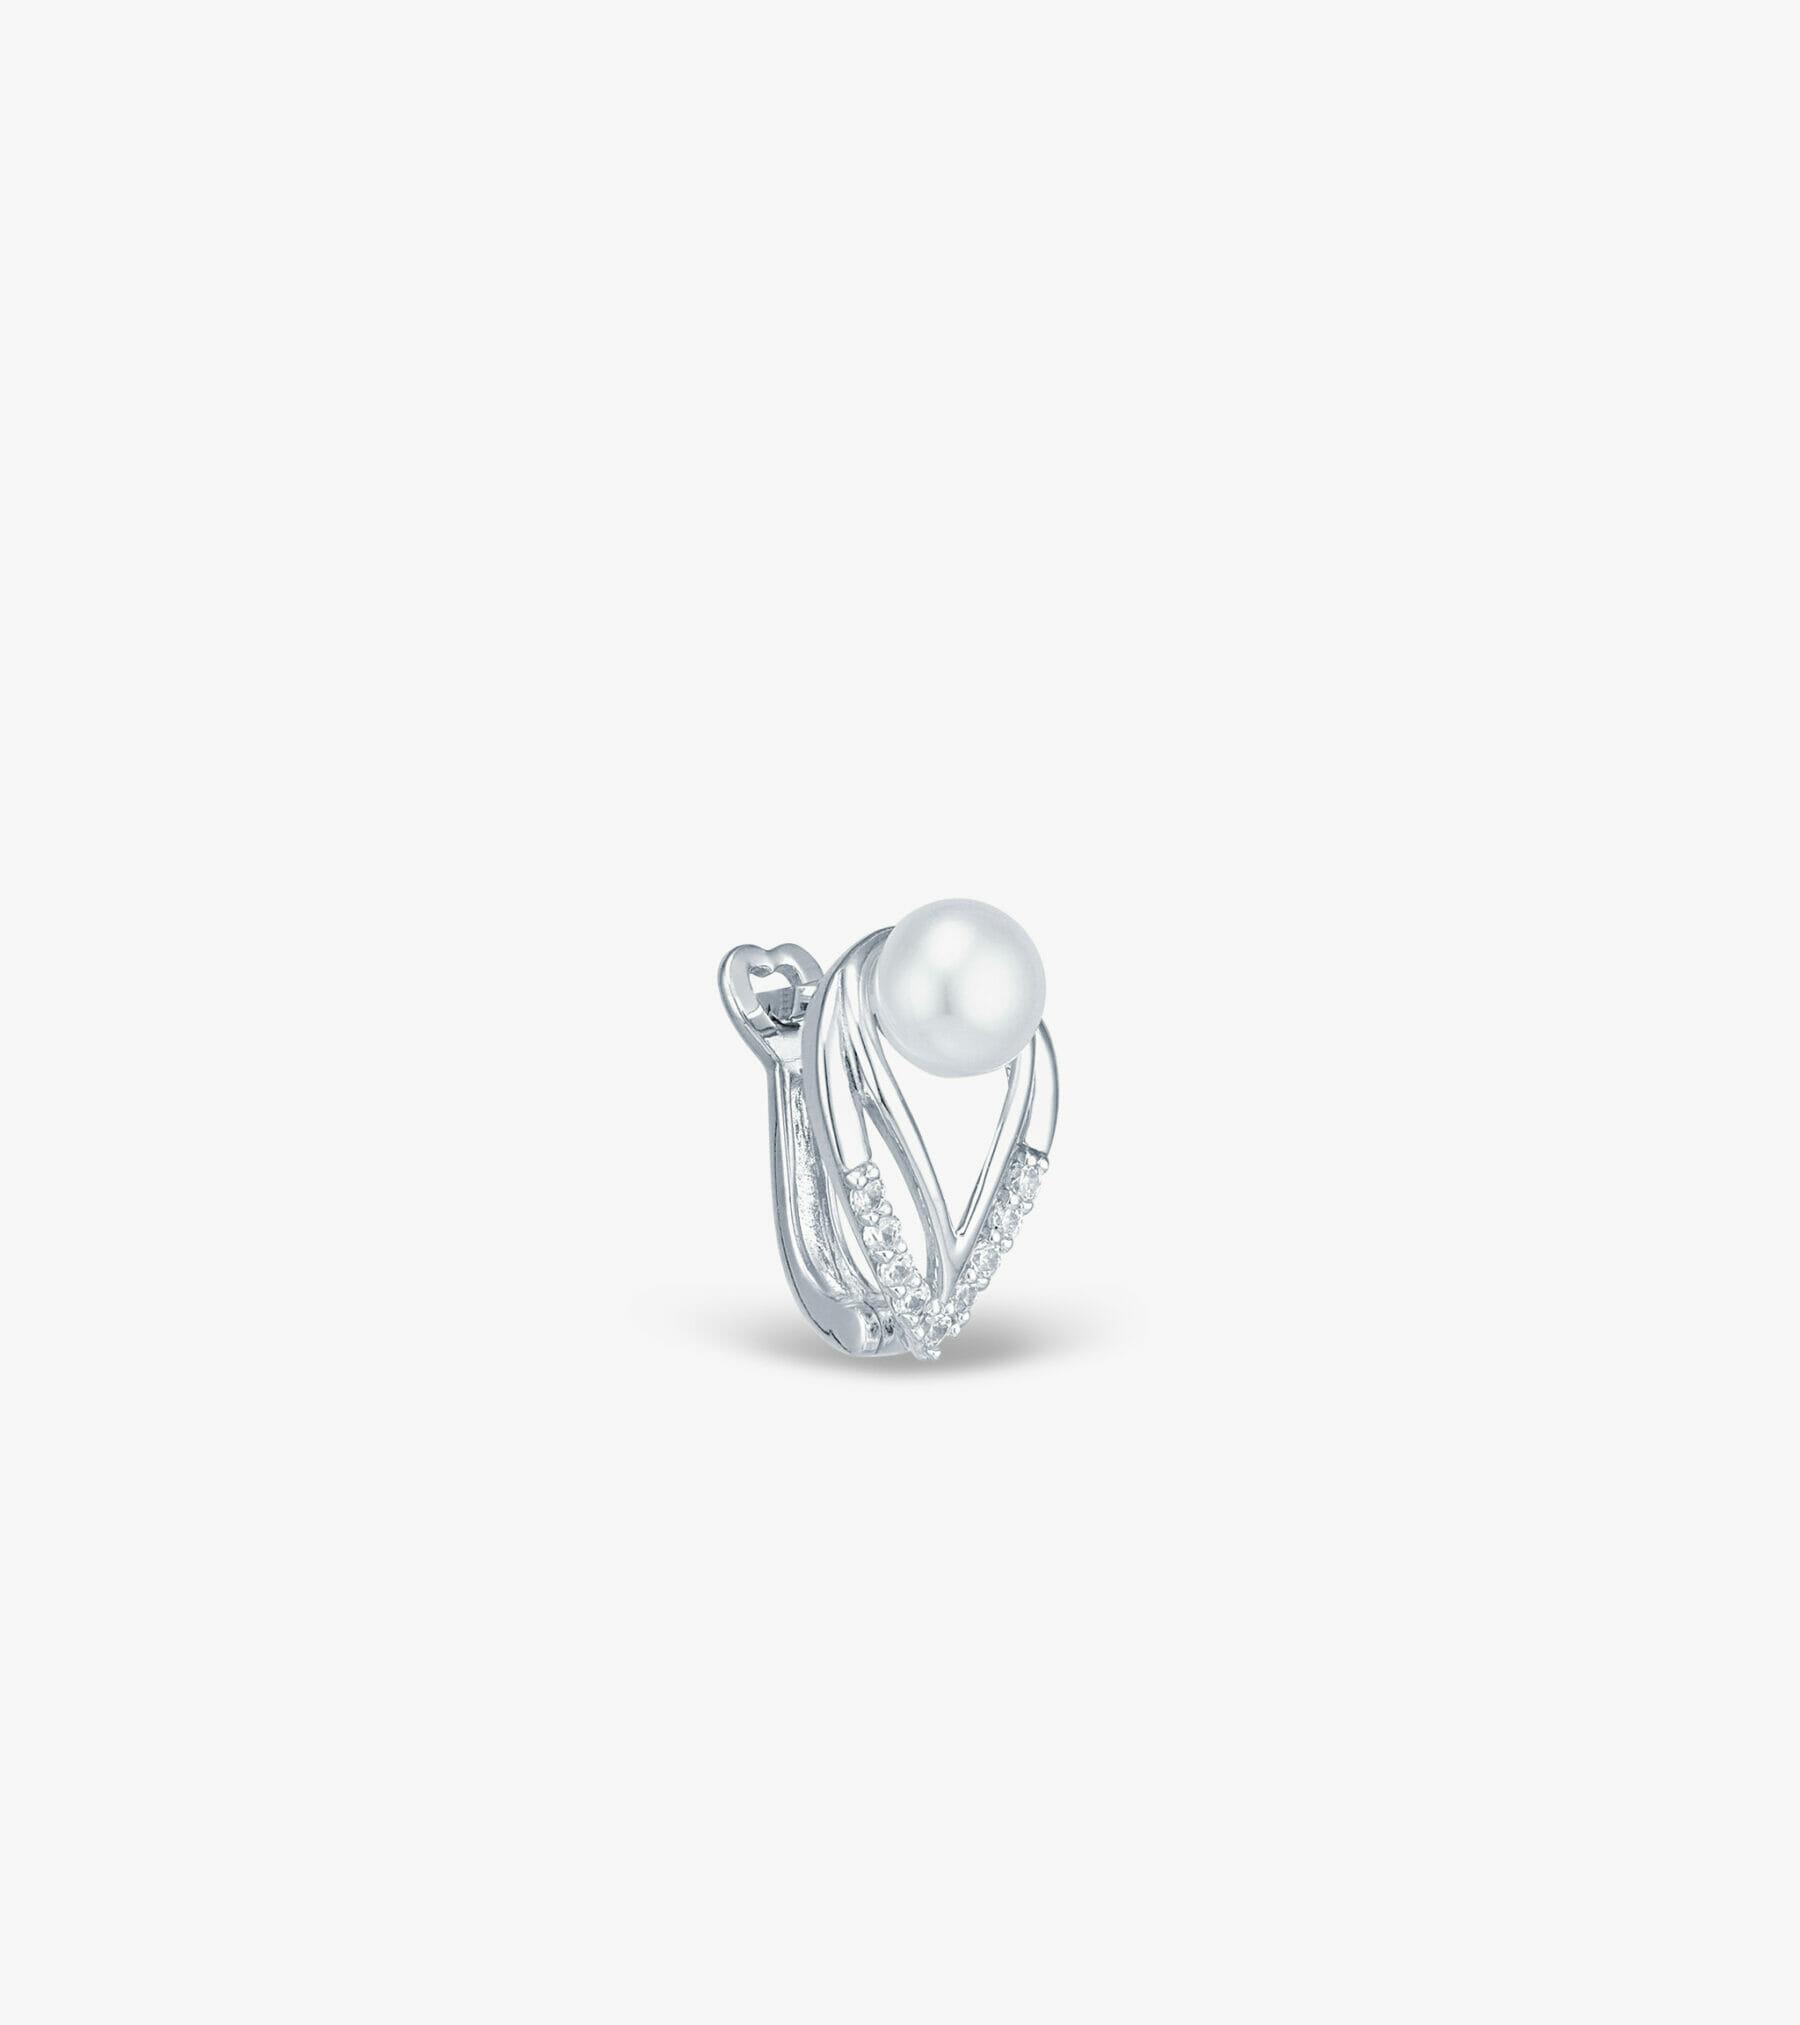 Bông tai Ngọc trai Vàng trắng CSDB919B